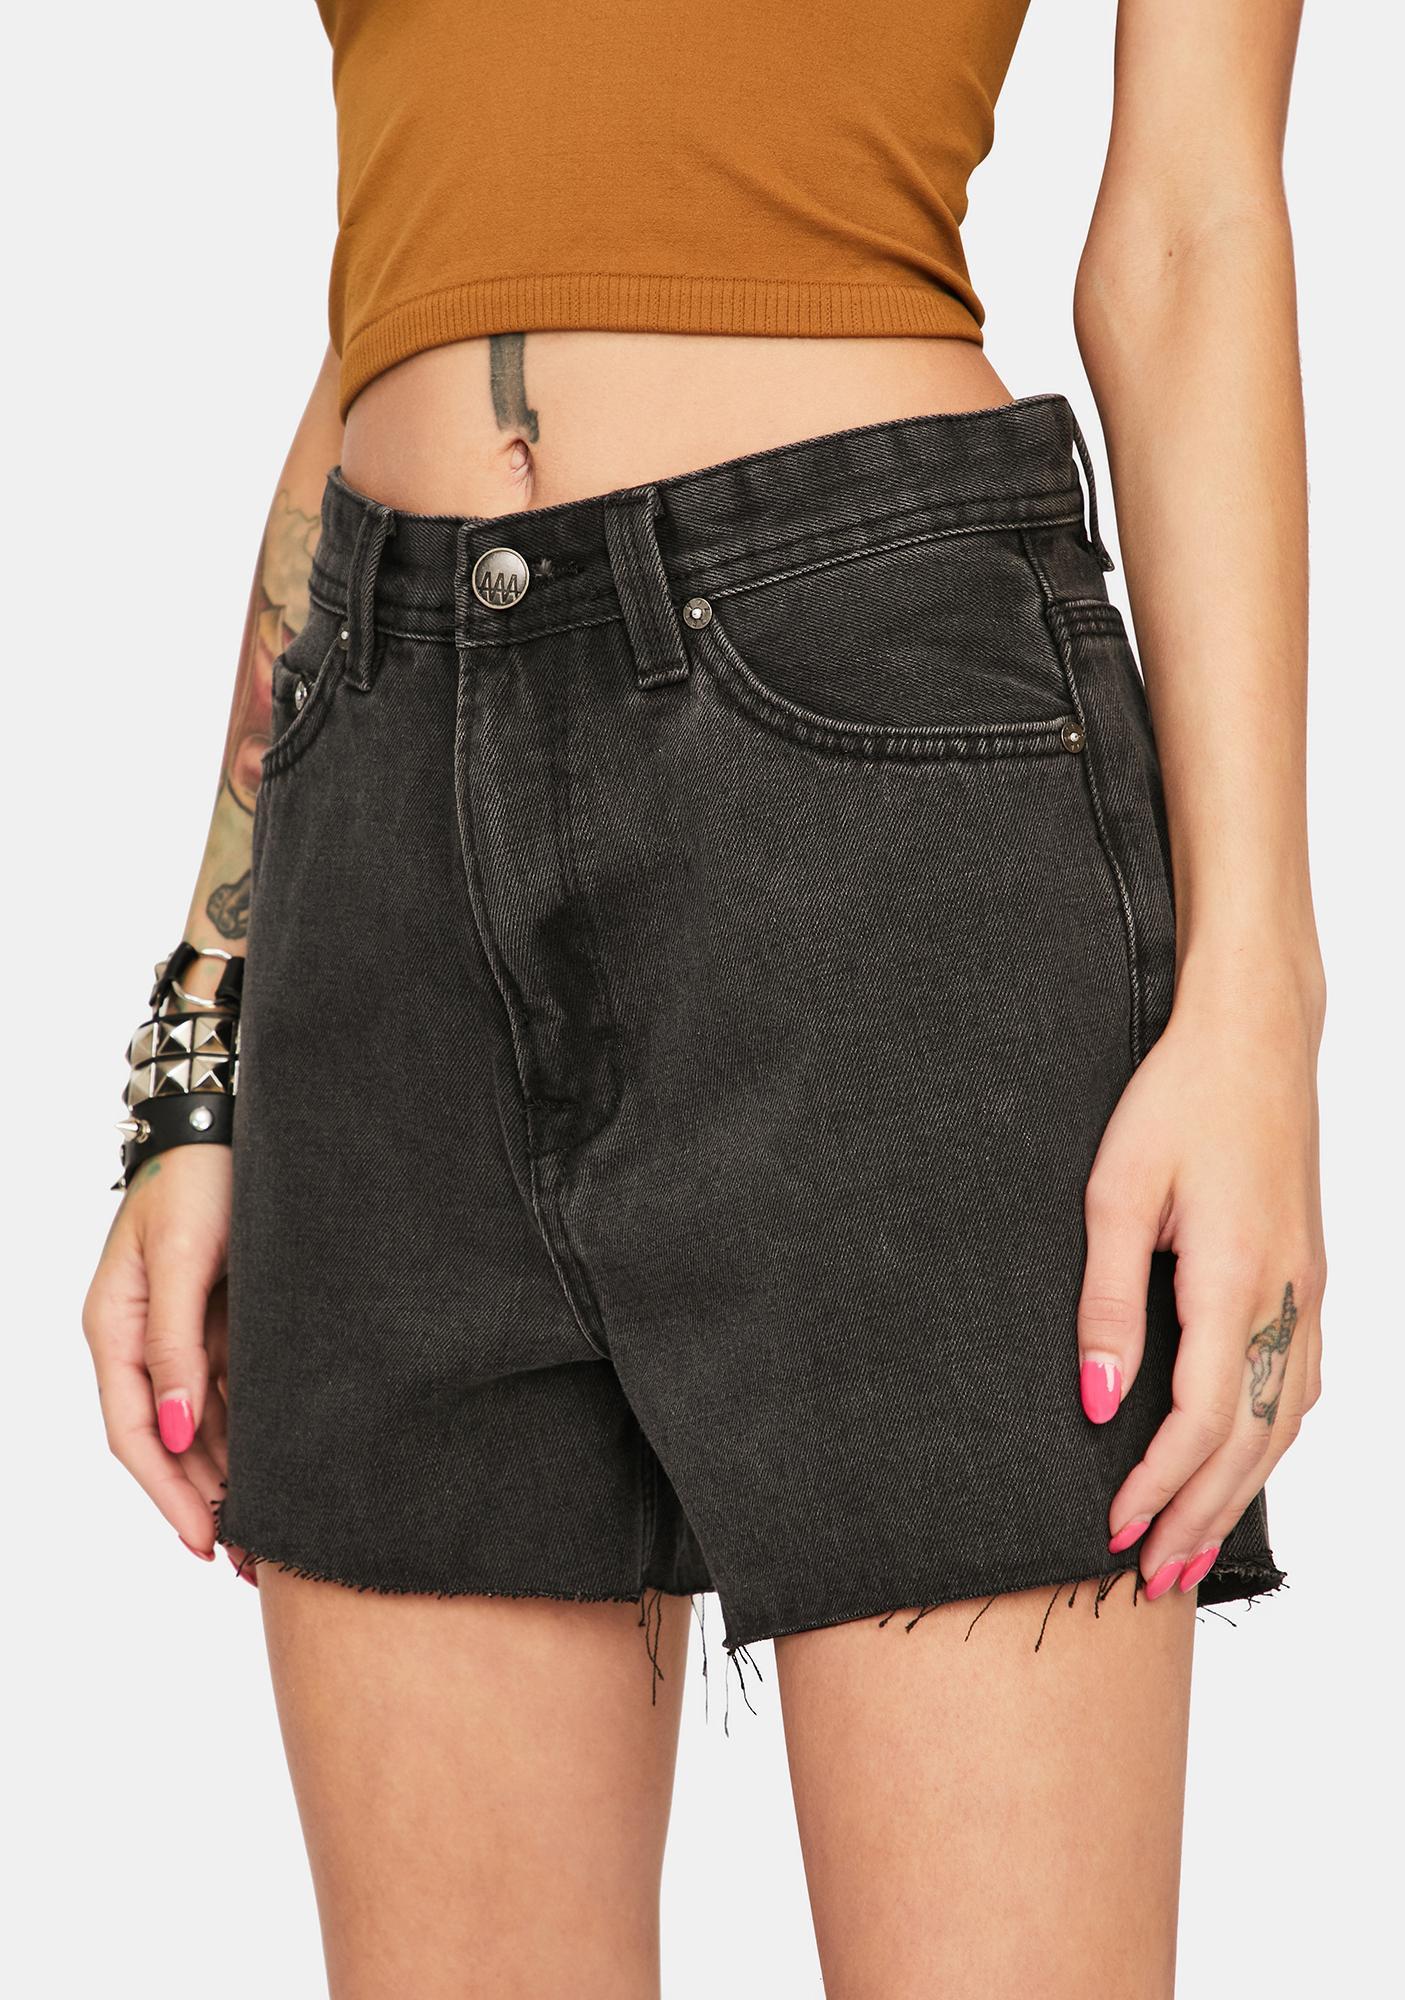 Zee Gee Why Hi Tide High Waist Denim Shorts